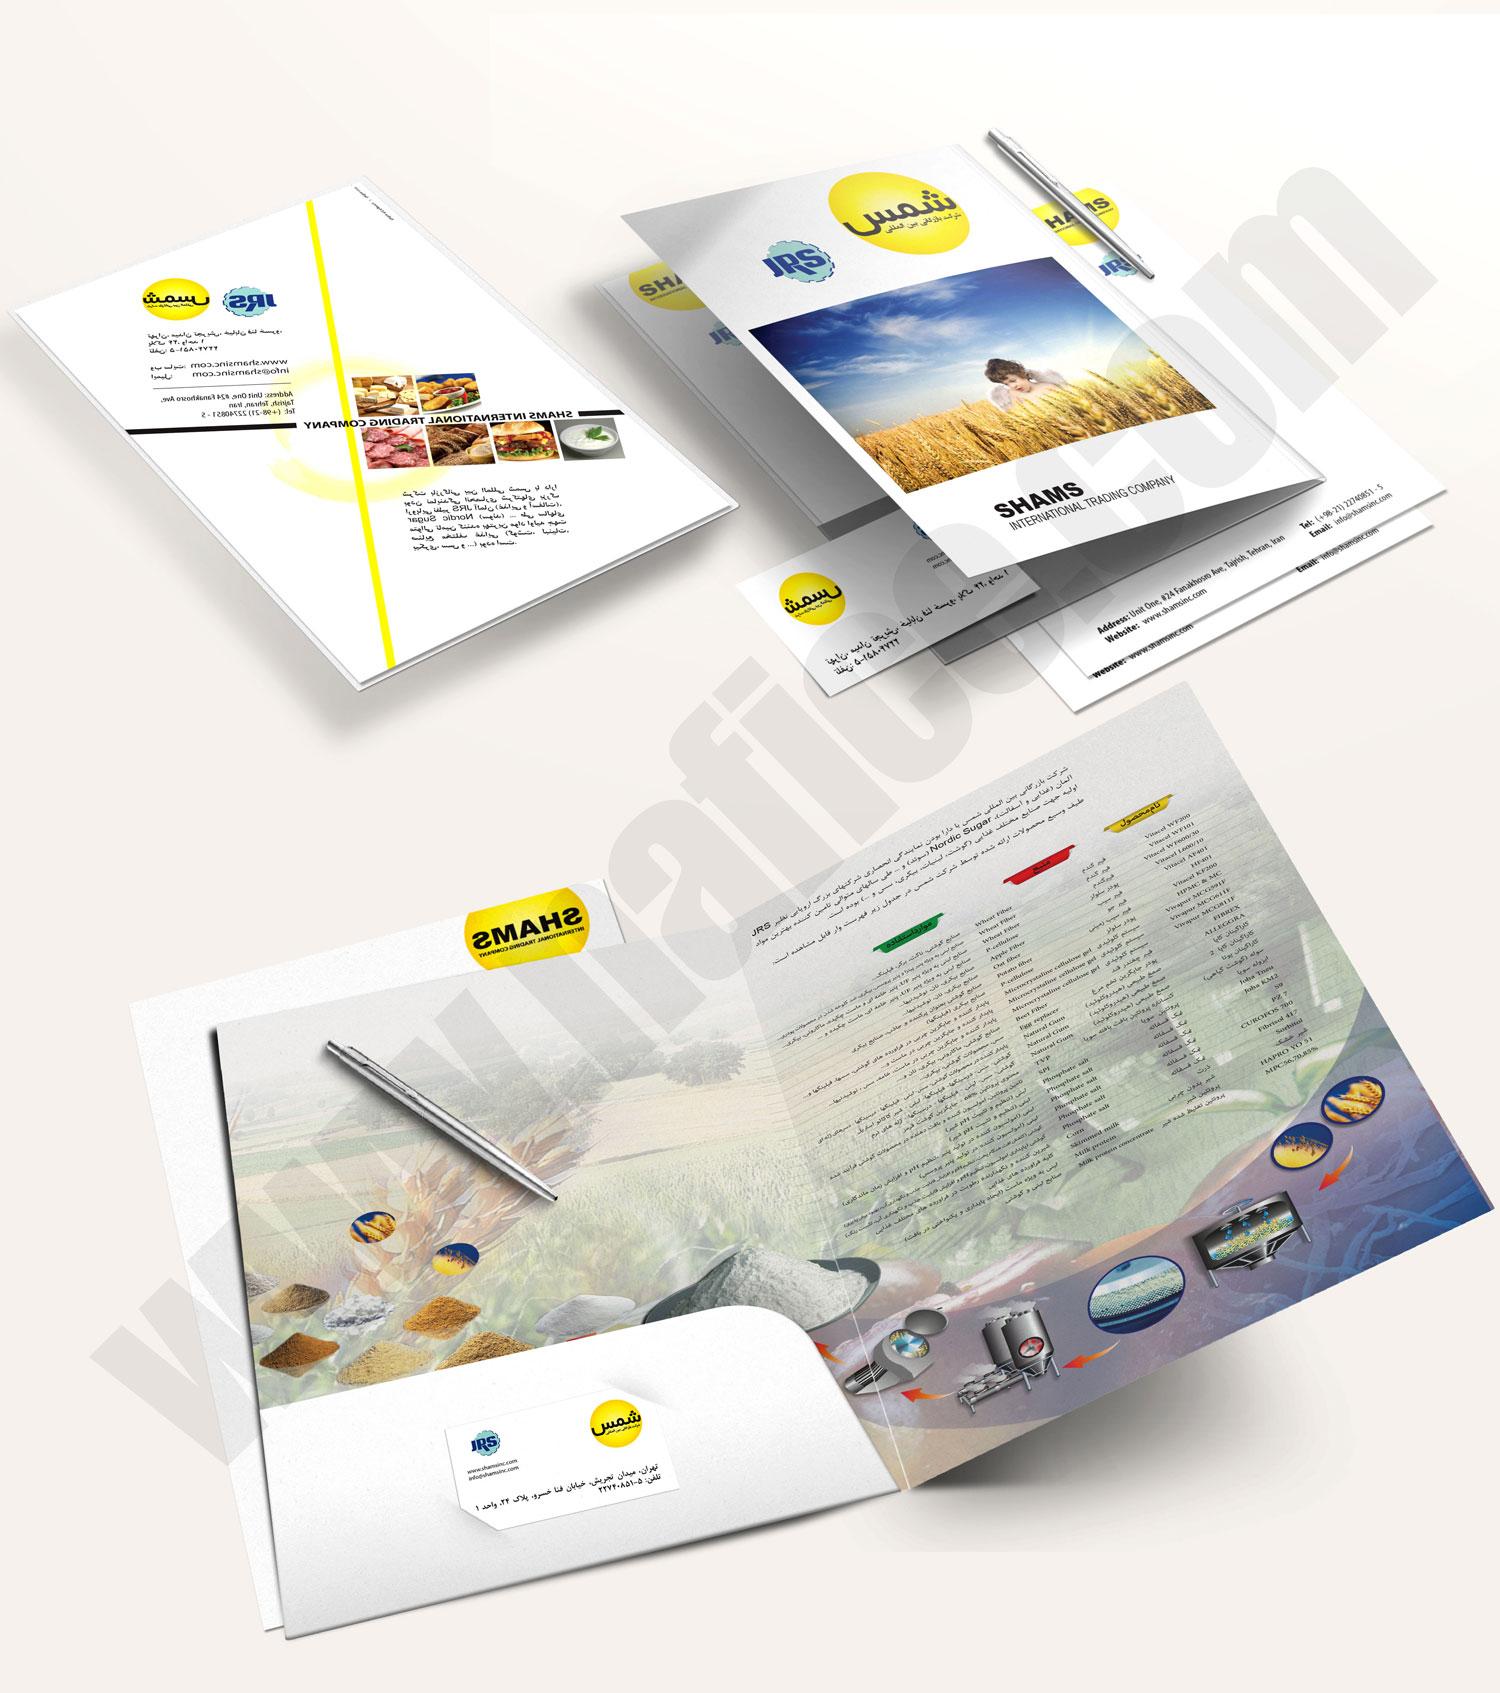 چاپ و طراحی کاتالوگ شرکت بازرگانی شمس - -